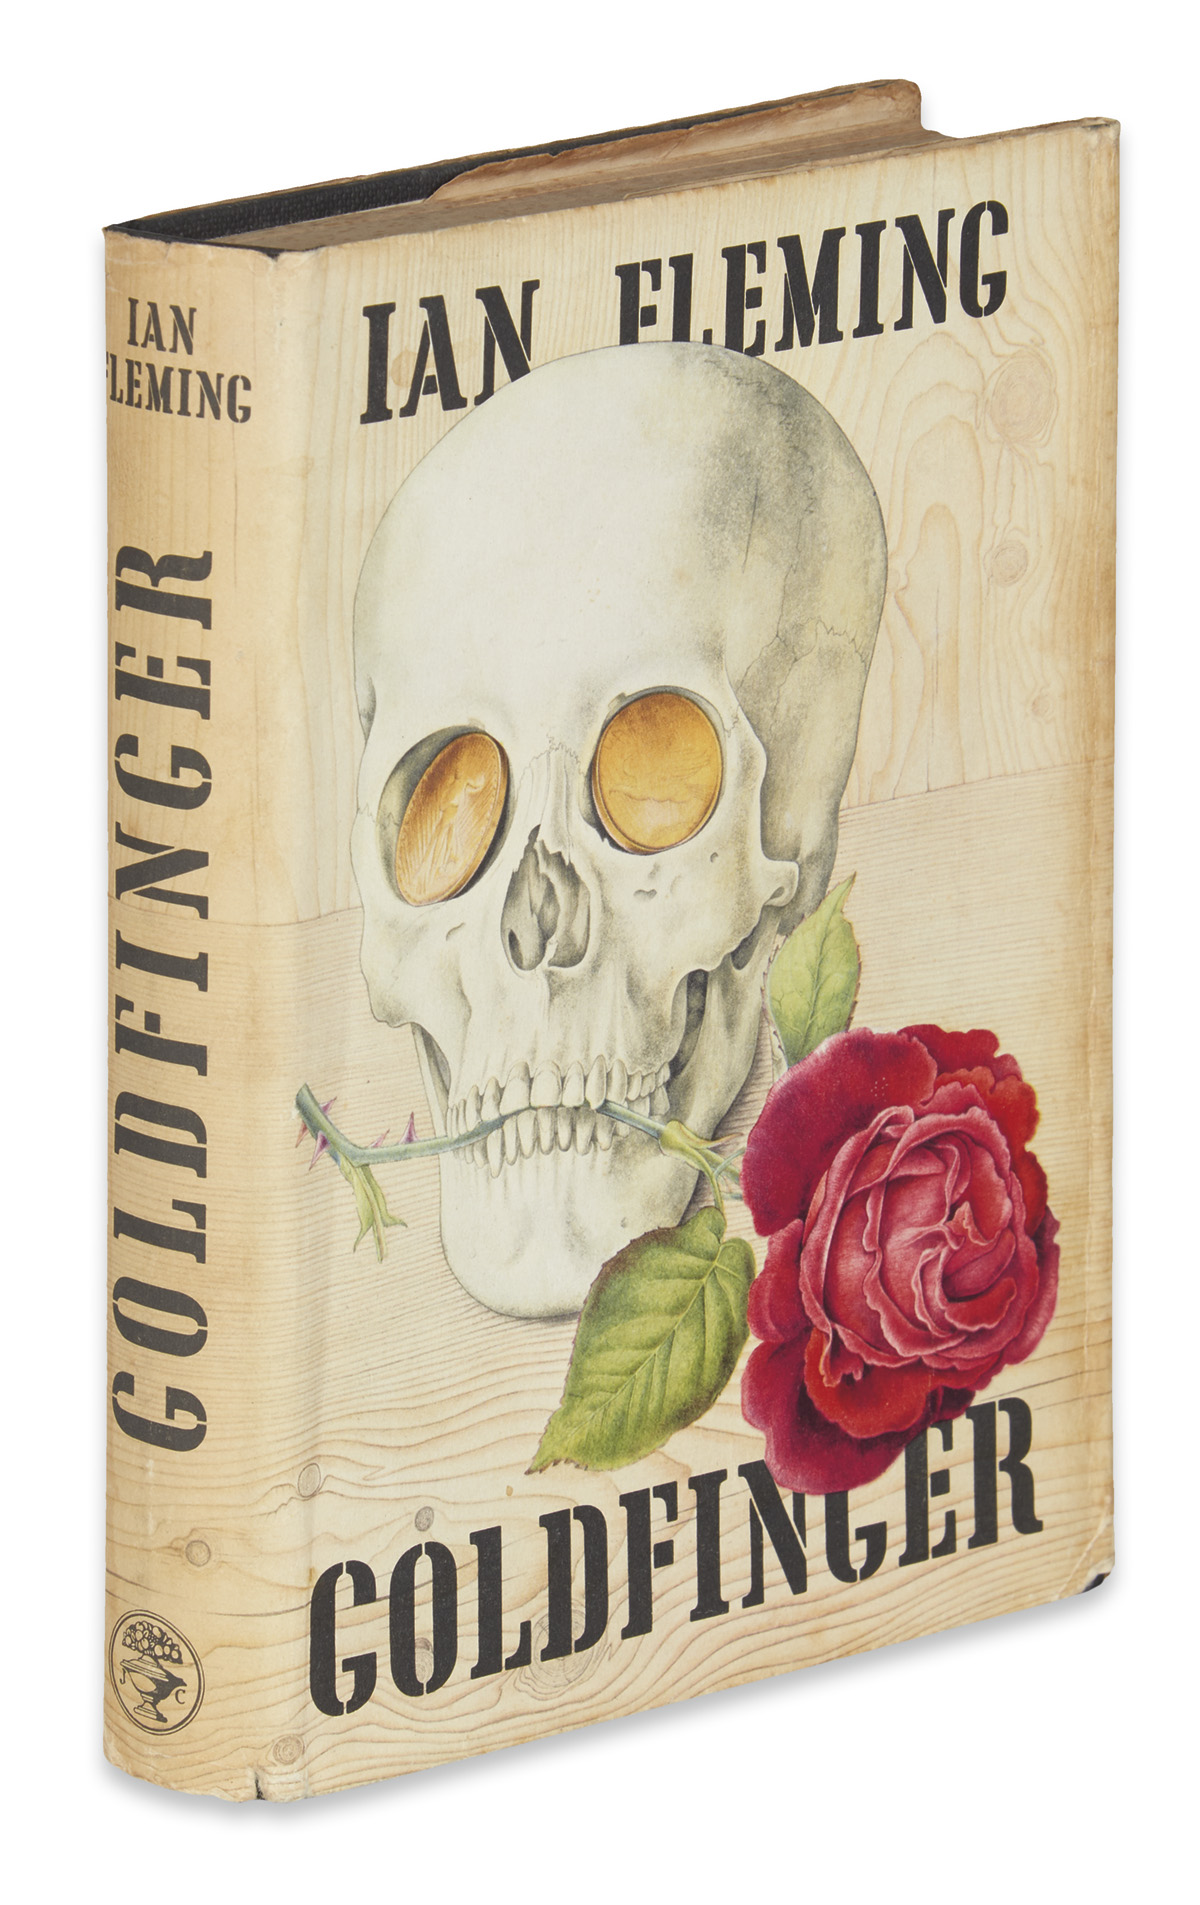 FLEMING-IAN-Goldfinger